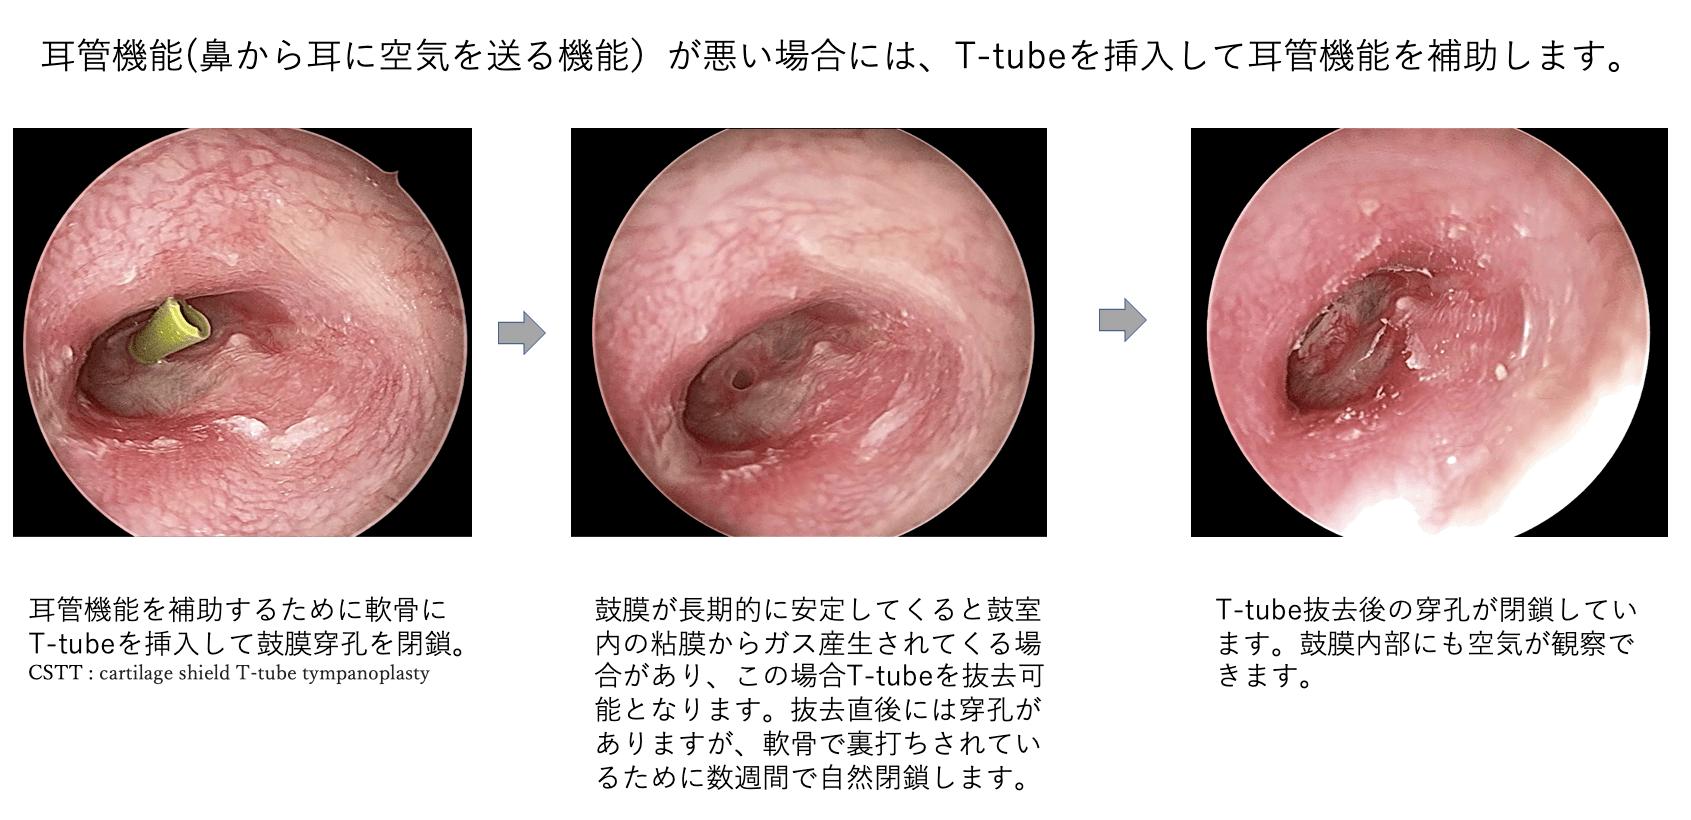 耳管機能が割る場合には、T-tubeを挿入して耳管機能を補助します。